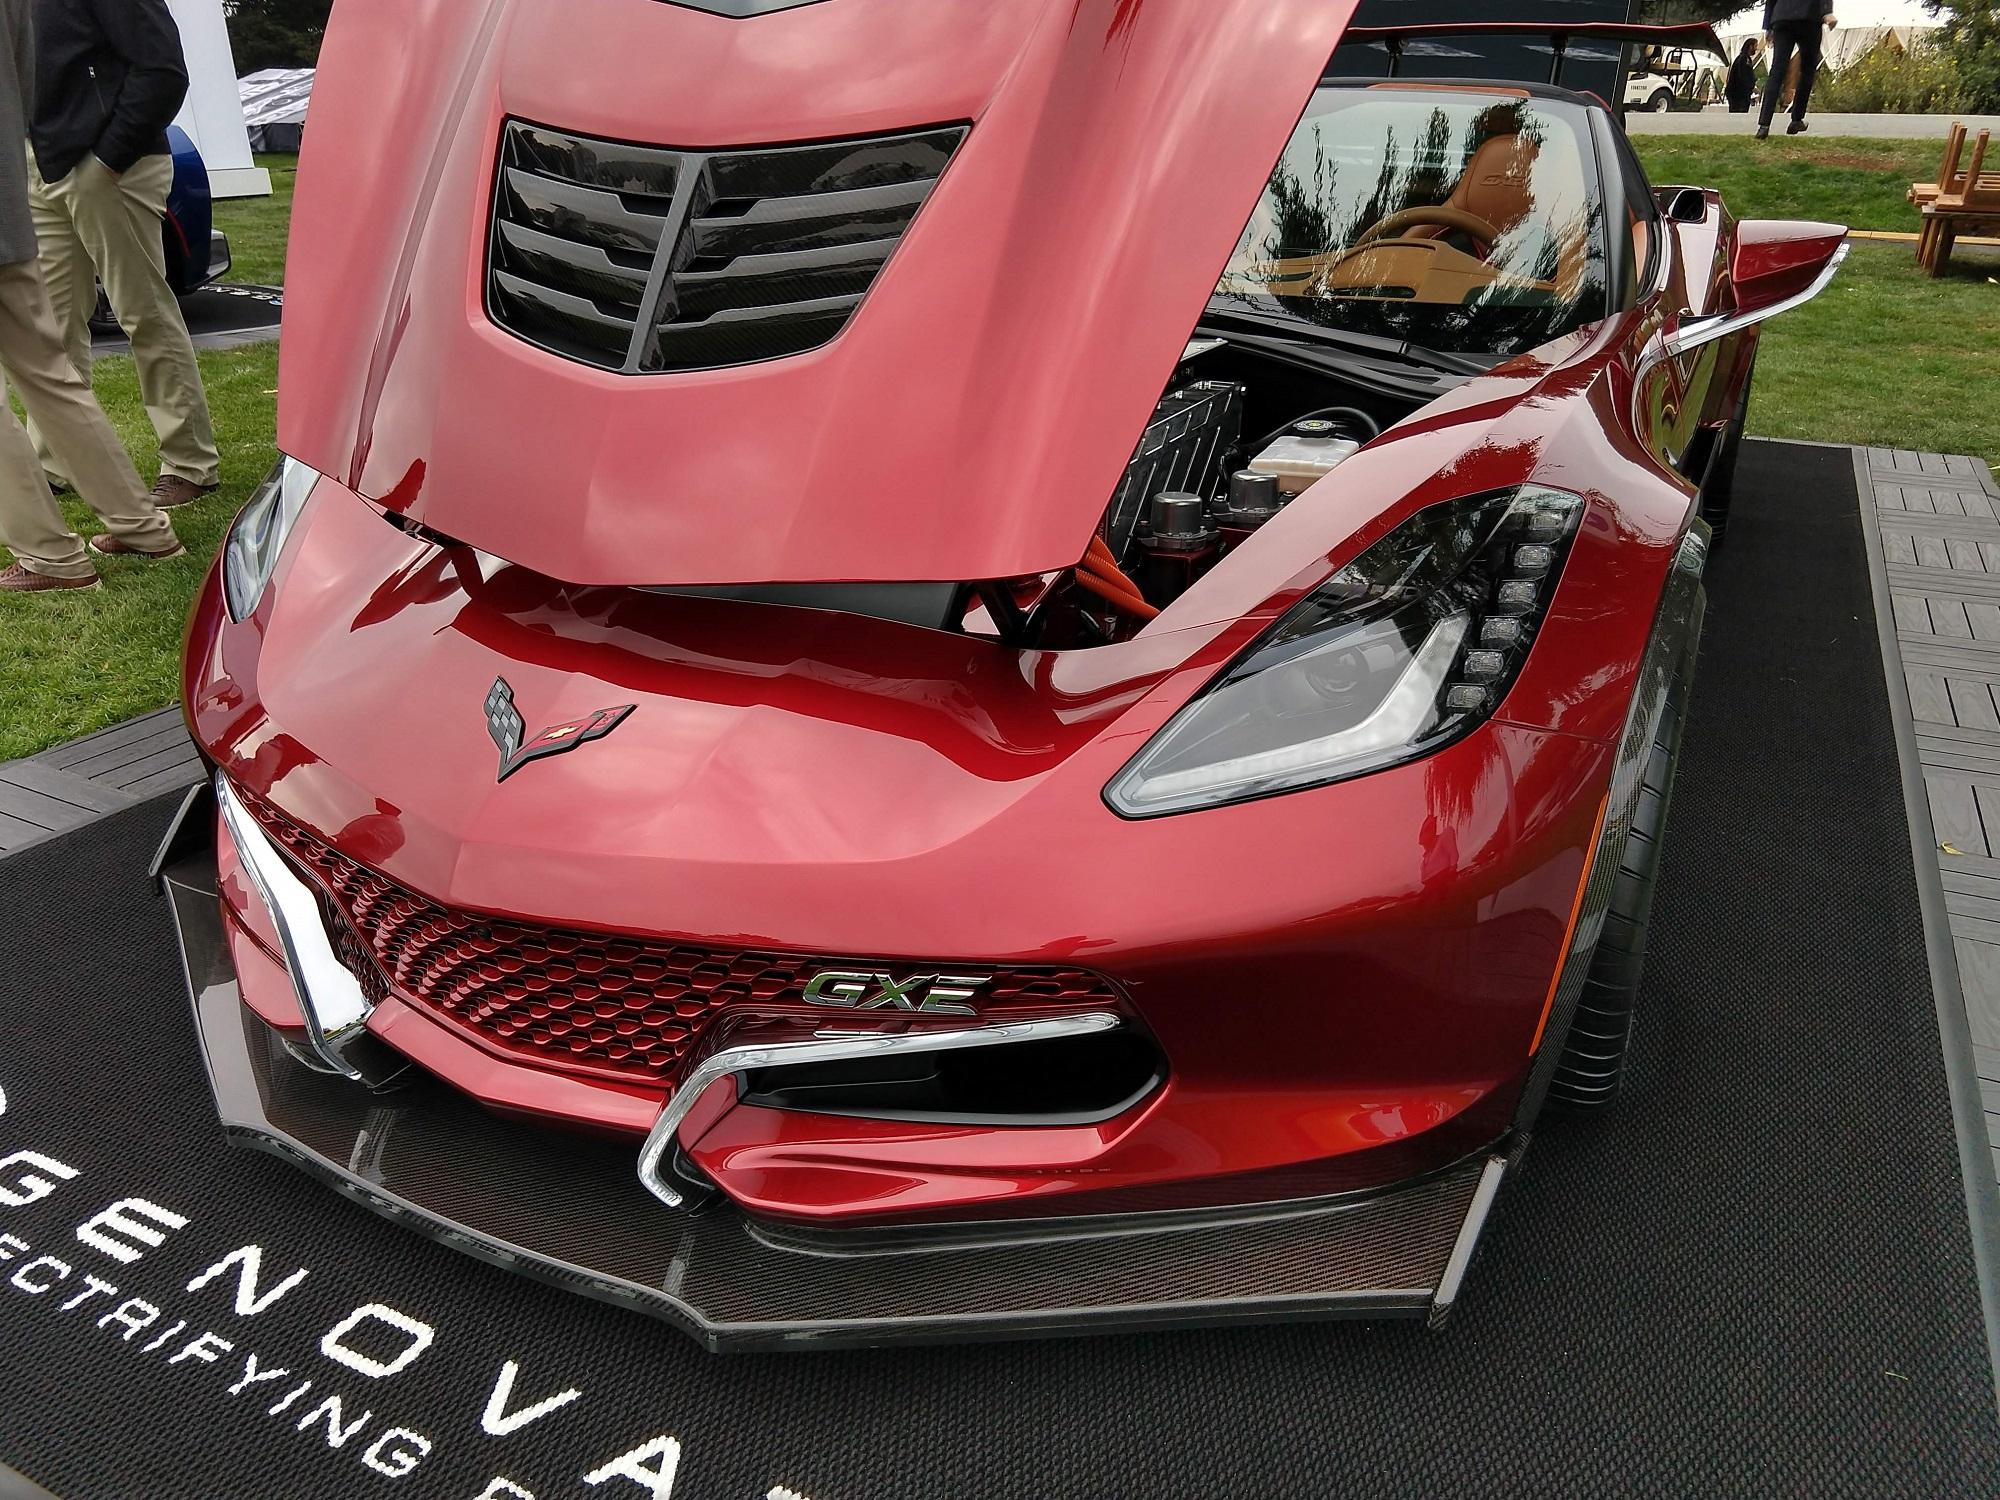 Genovation GXE 220 MPH Electric Corvette Pebble Beach Corvetteforum.com